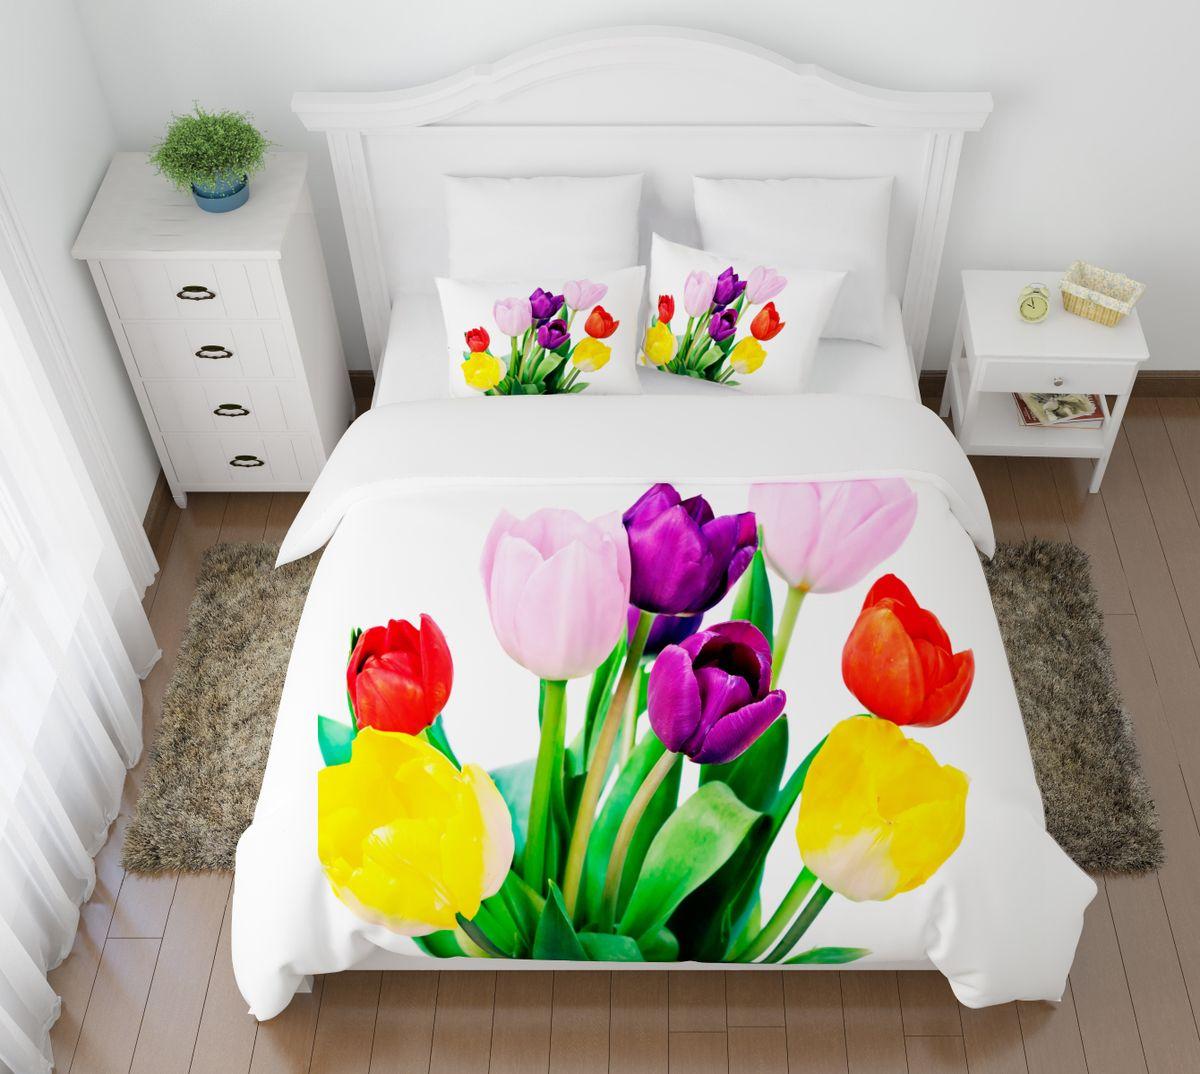 Комплект белья Сирень Весенние цветы, 2-спальный, наволочки 50х70391602Комплект постельного белья Сирень 2-х спальный выполнен из прочной и мягкой ткани. Четкий и стильный рисунок в сочетании с насыщенными красками делают комплект постельного белья неповторимой изюминкой любого интерьера. Постельное белье идеально подойдет для подарка. Идеальное соотношение смешенной ткани и гипоаллергенных красок это гарантия здорового, спокойного сна. Ткань хорошо впитывает влагу, надолго сохраняет яркость красок. Цвет простыни, пододеяльника, наволочки в комплектации может немного отличаться от представленного на фото.В комплект входят: простыня - 200х220см; пододельяник 175х210 см; наволочка - 50х70х2шт. Постельное белье легко стирать при 30-40 градусах, гладить при 150 градусах, не отбеливать.Рекомендуется перед первым изпользованием постирать.